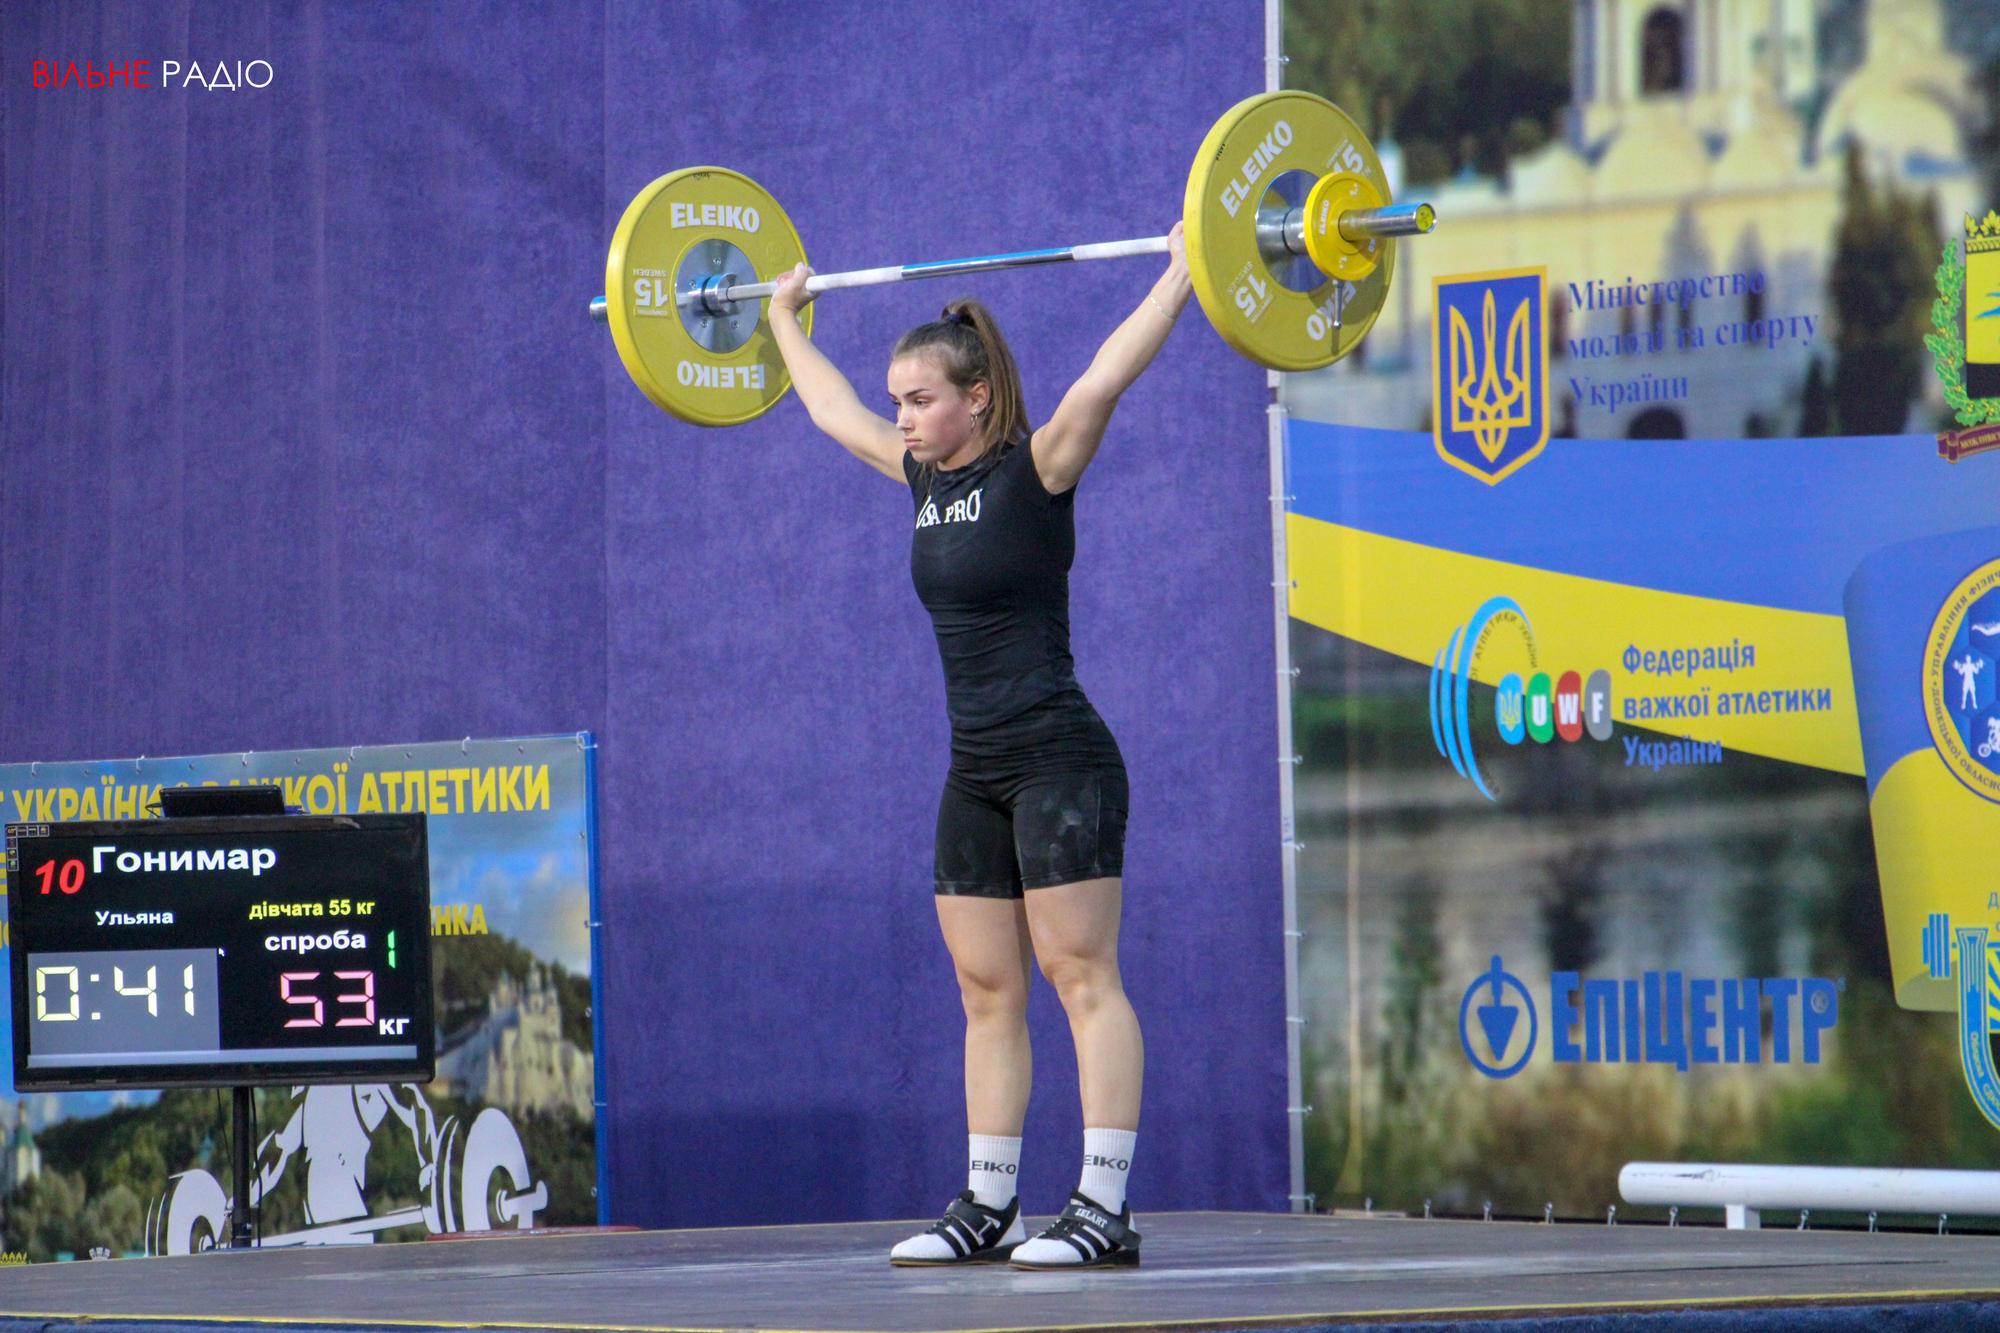 У Бахмуті вперше проводять чемпіонат України з важкої атлетики серед молоді